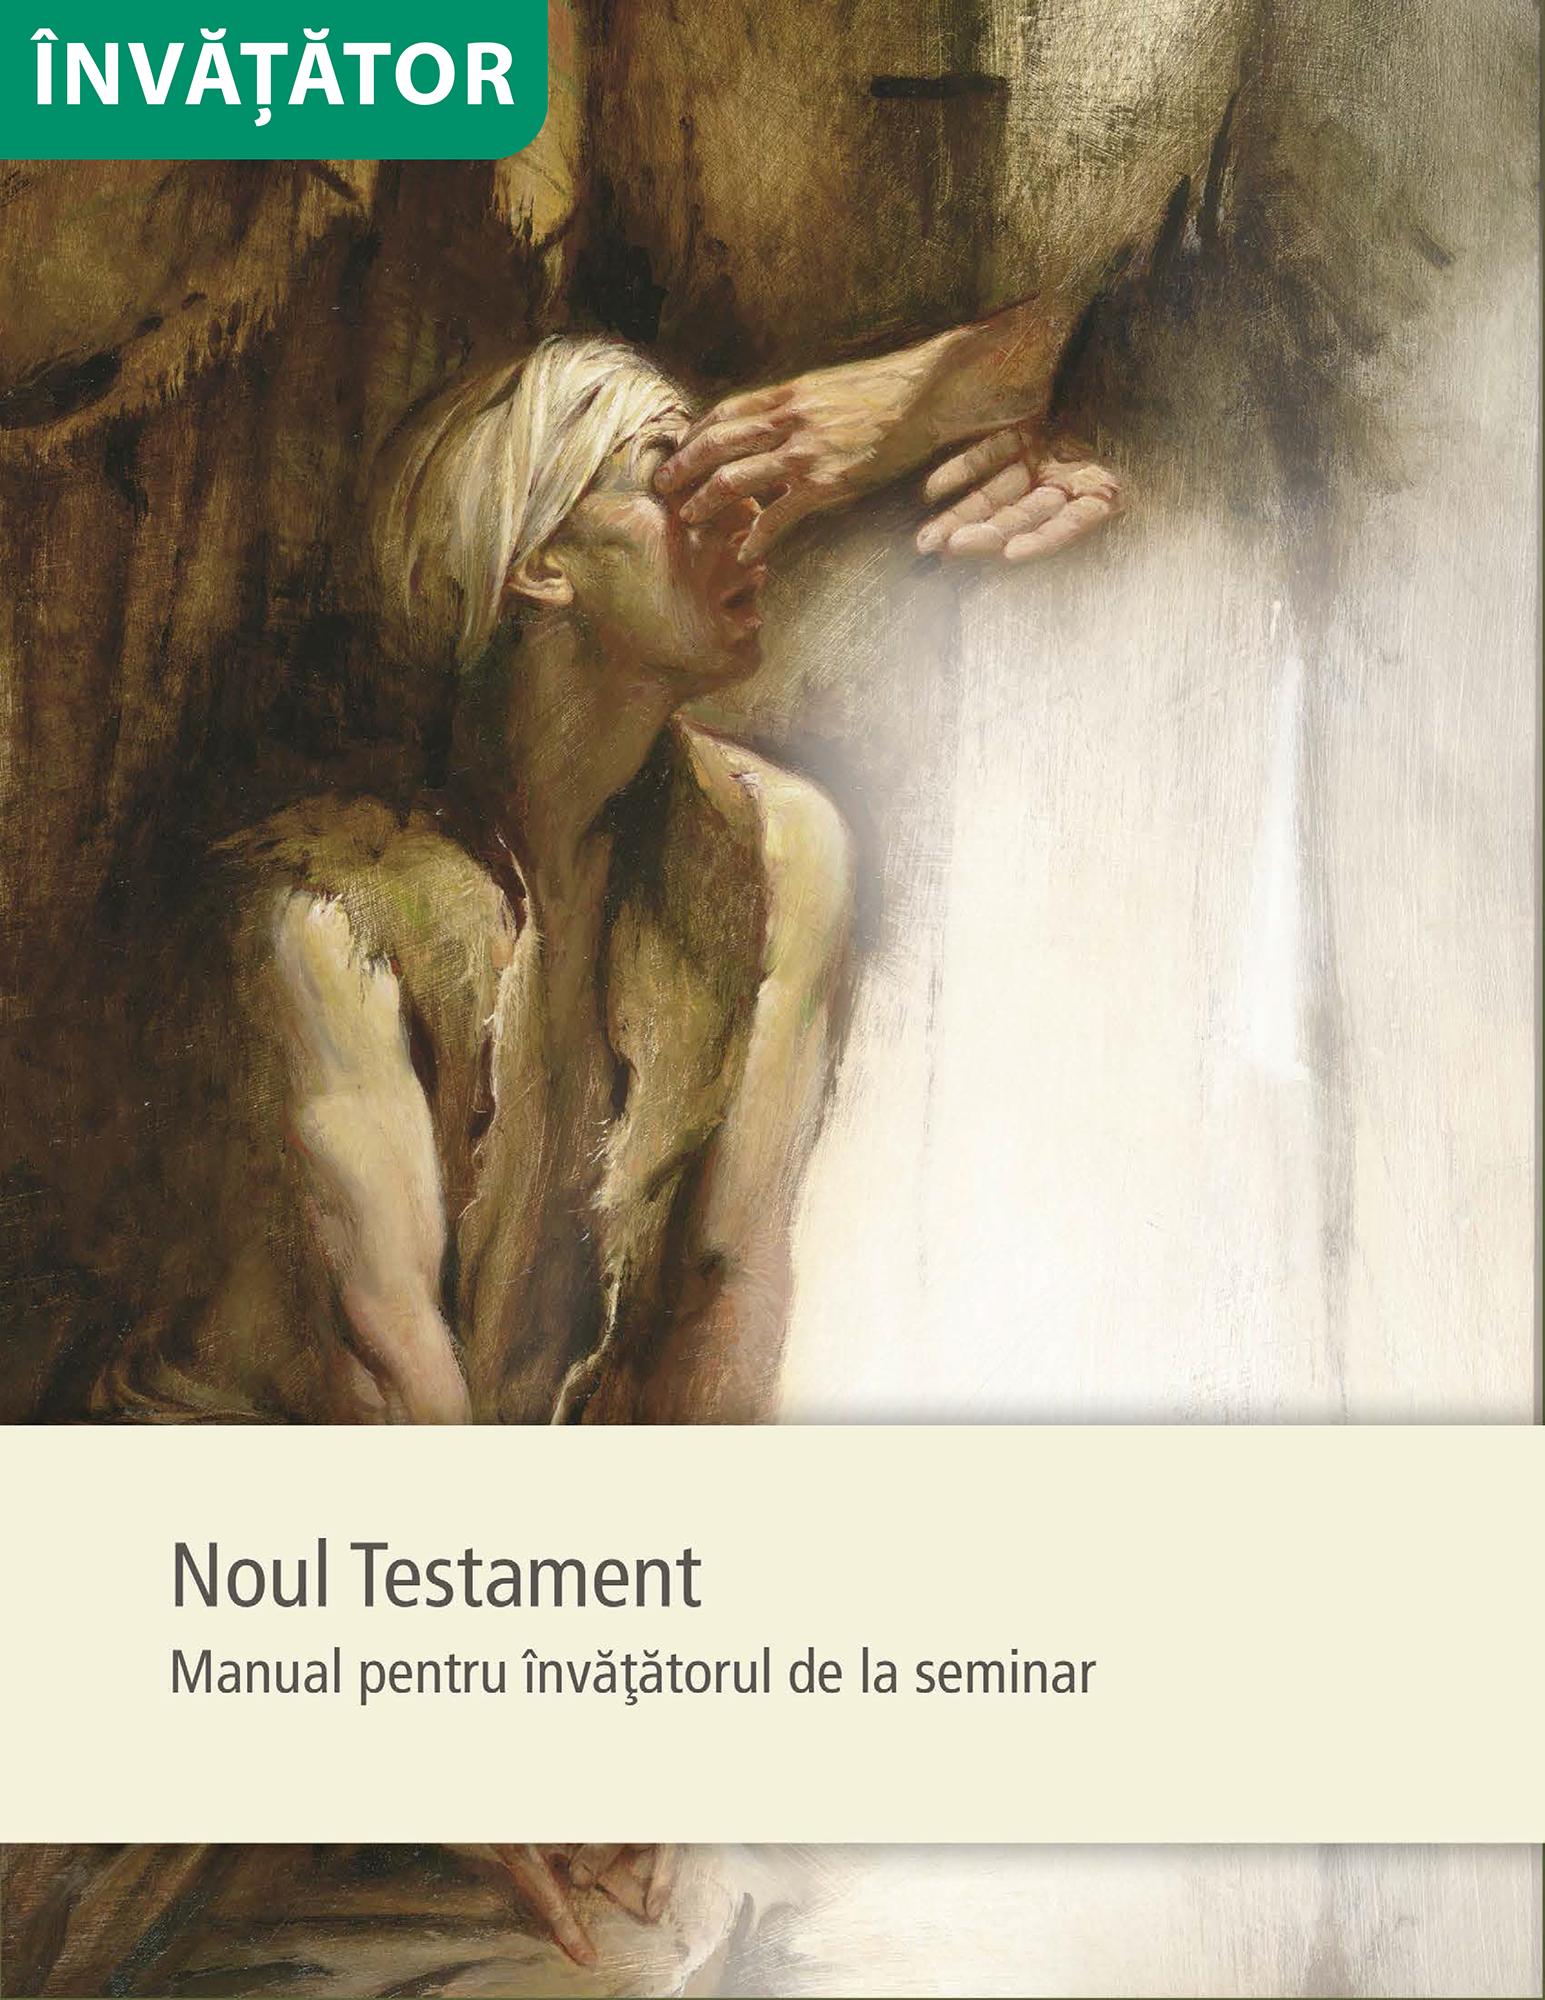 Noul Testament – Manual pentru învăţătorul de la seminar